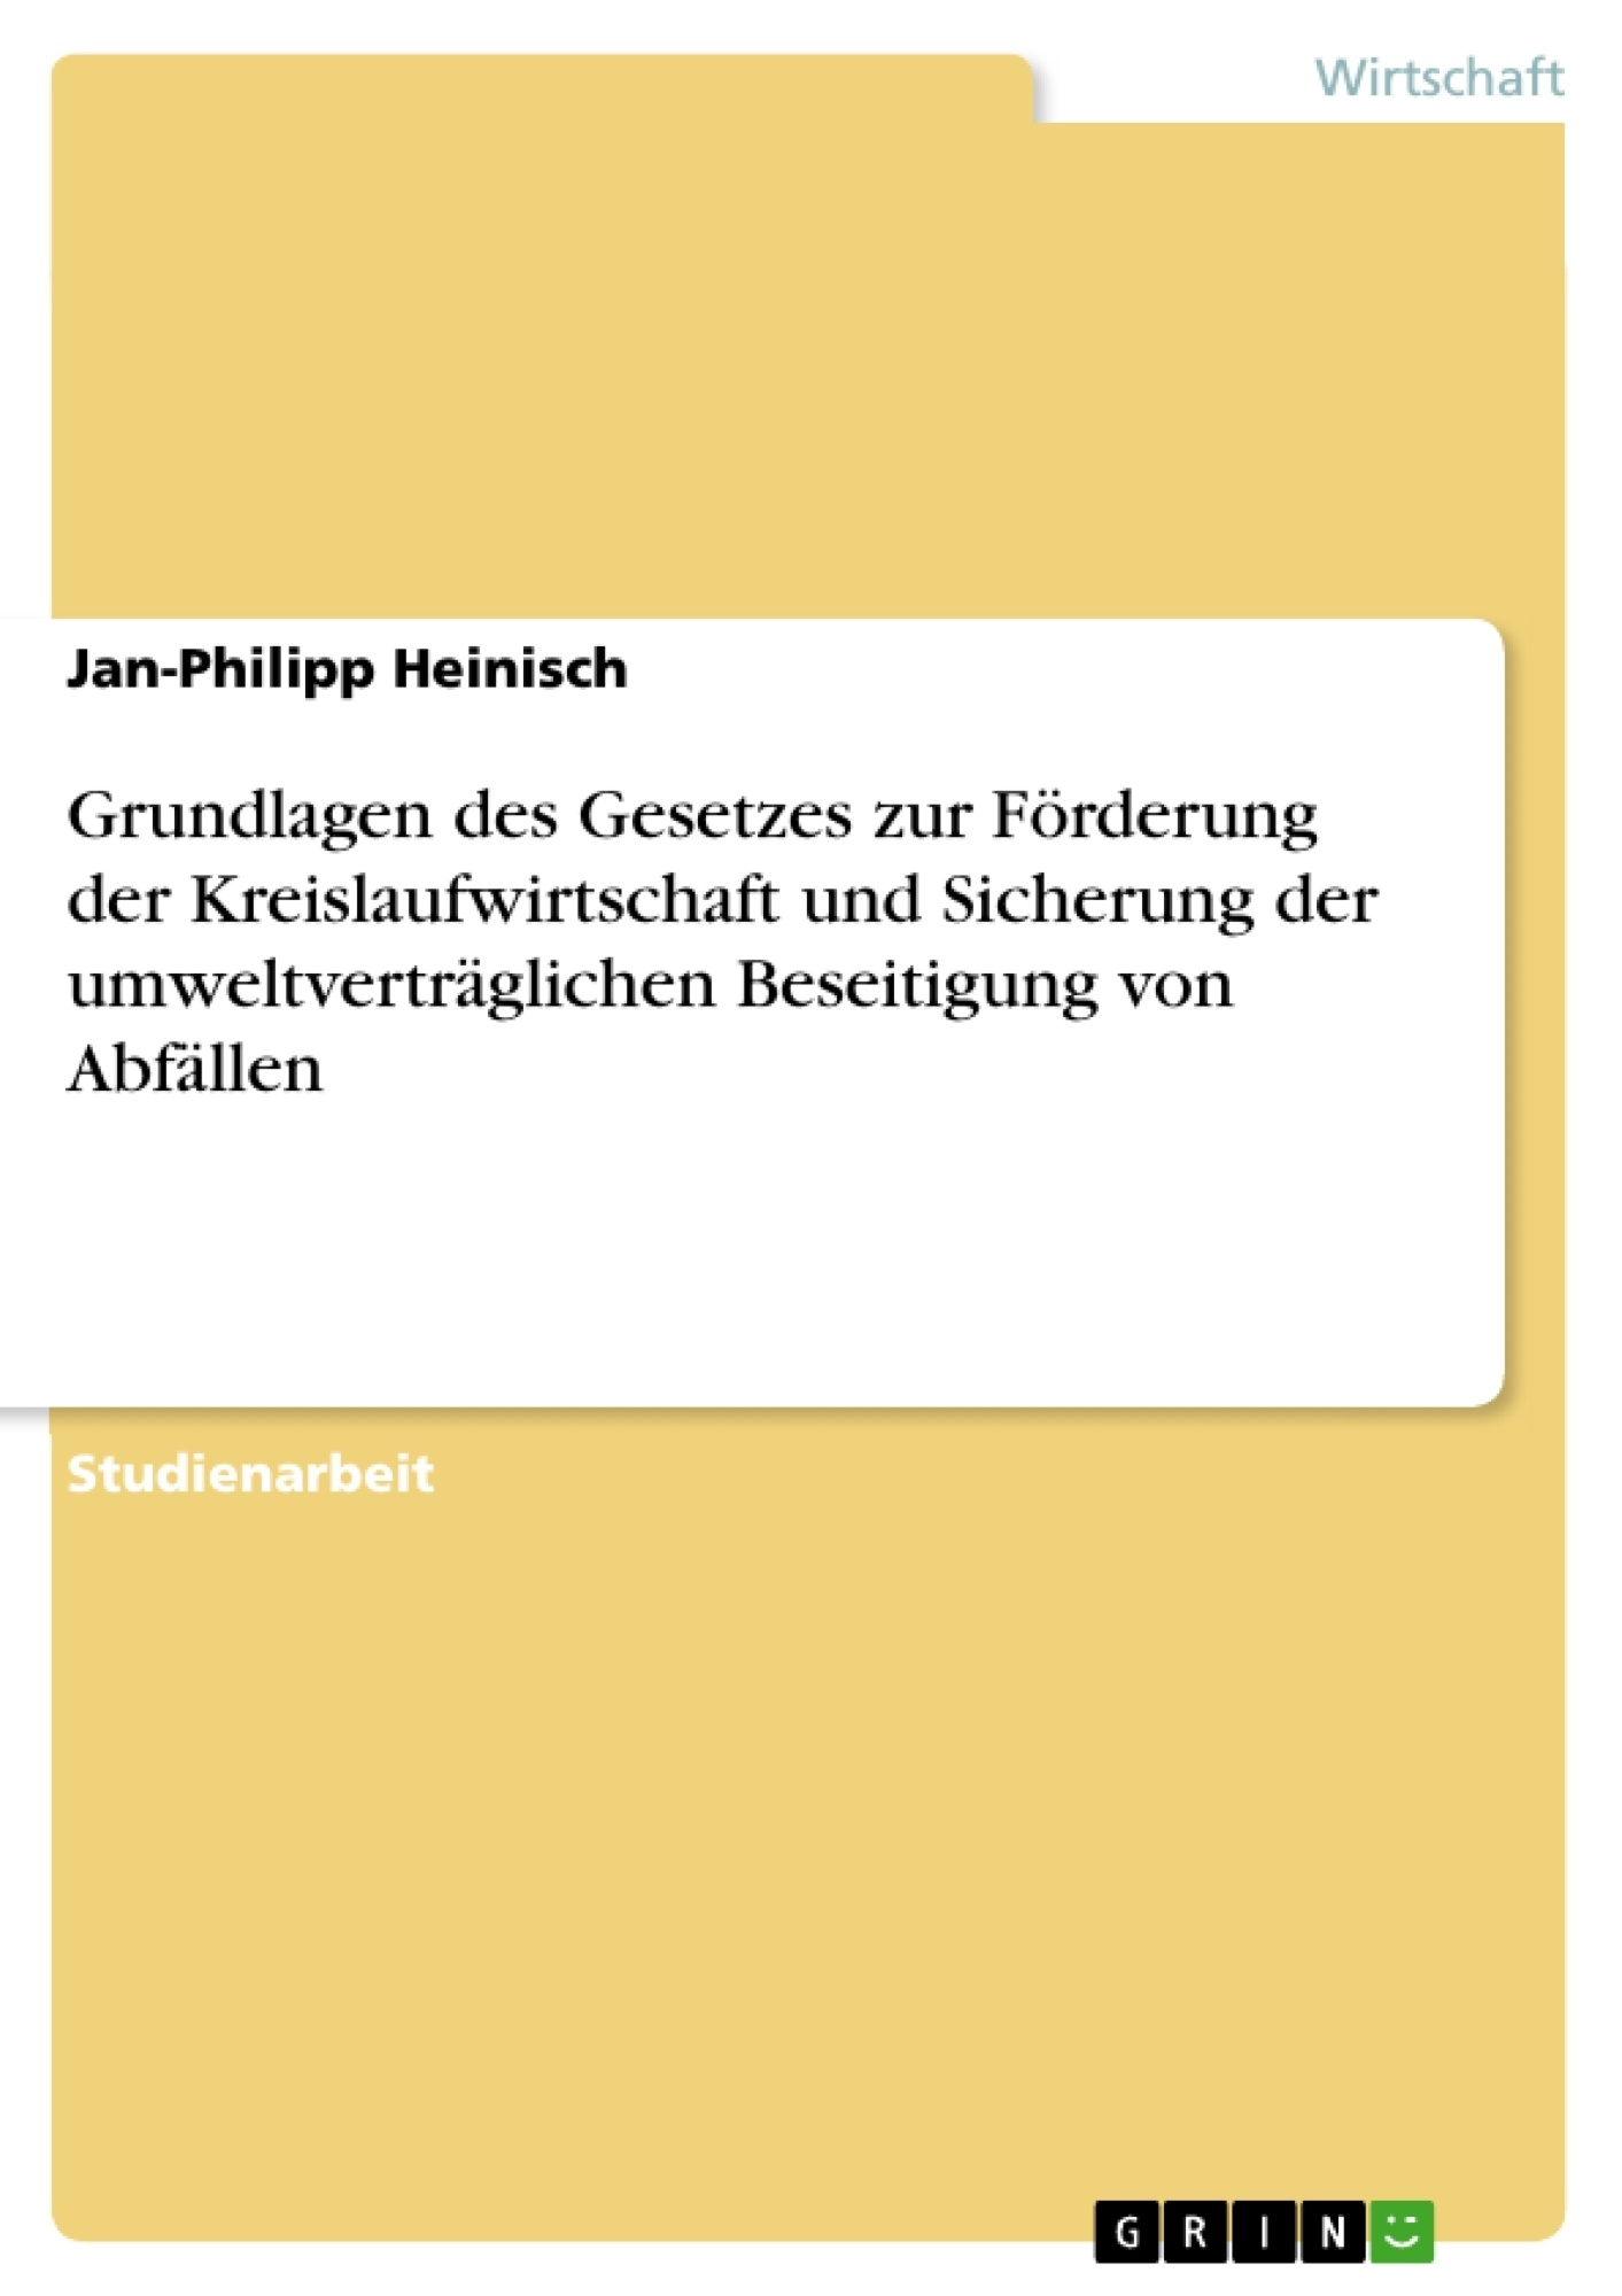 Titel: Grundlagen des Gesetzes zur Förderung der Kreislaufwirtschaft und Sicherung der umweltverträglichen Beseitigung von Abfällen